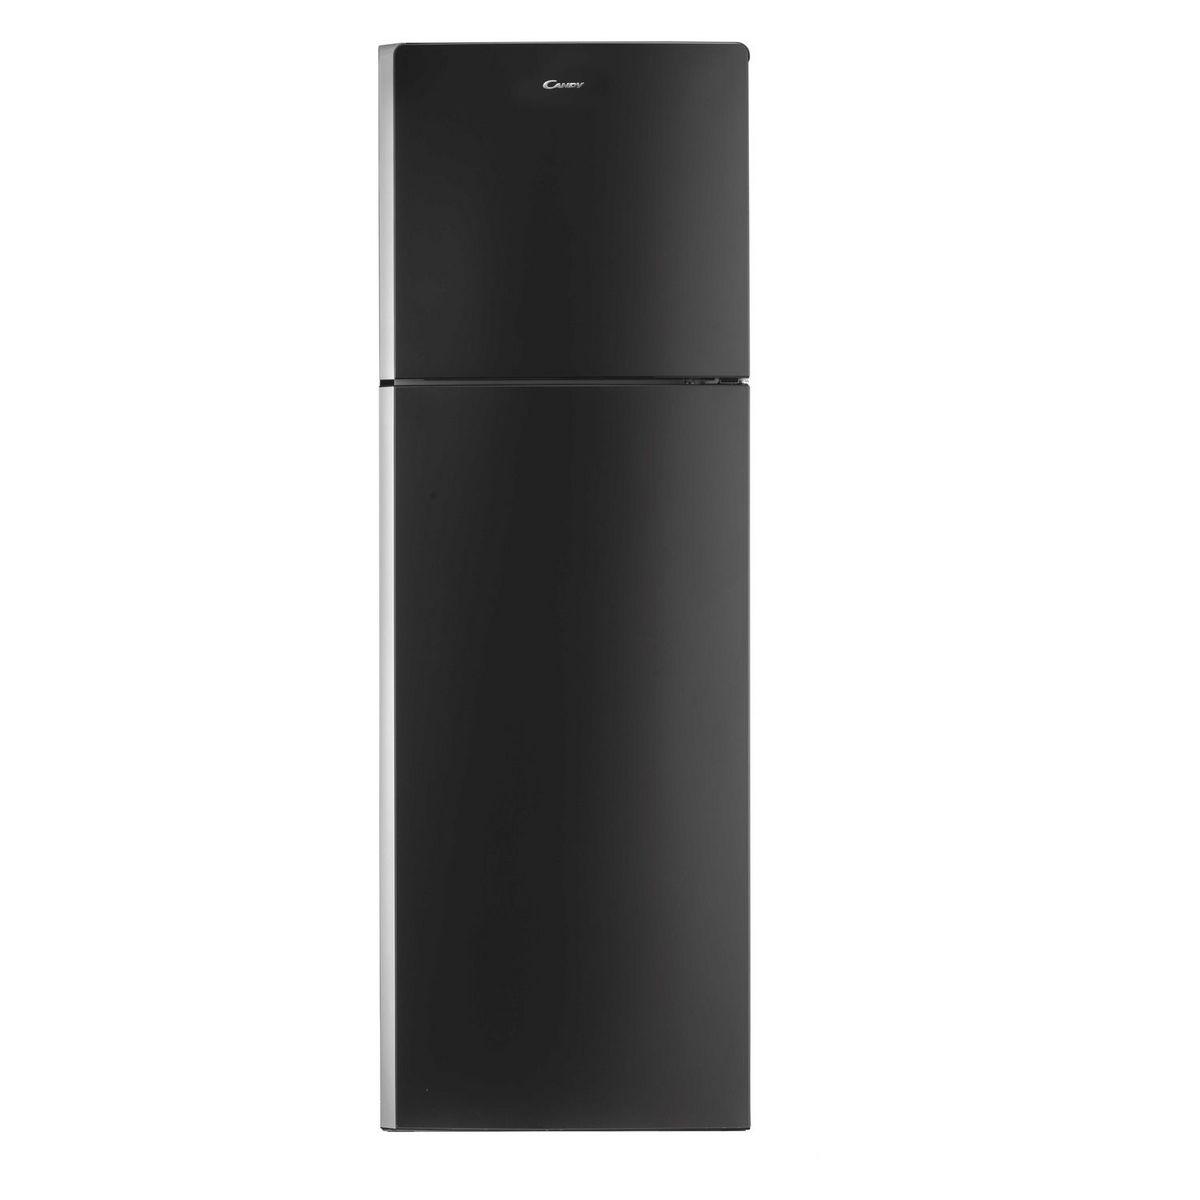 Réfrigérateur 2 portes CHADN5162MB, 264 l, Froid no frost